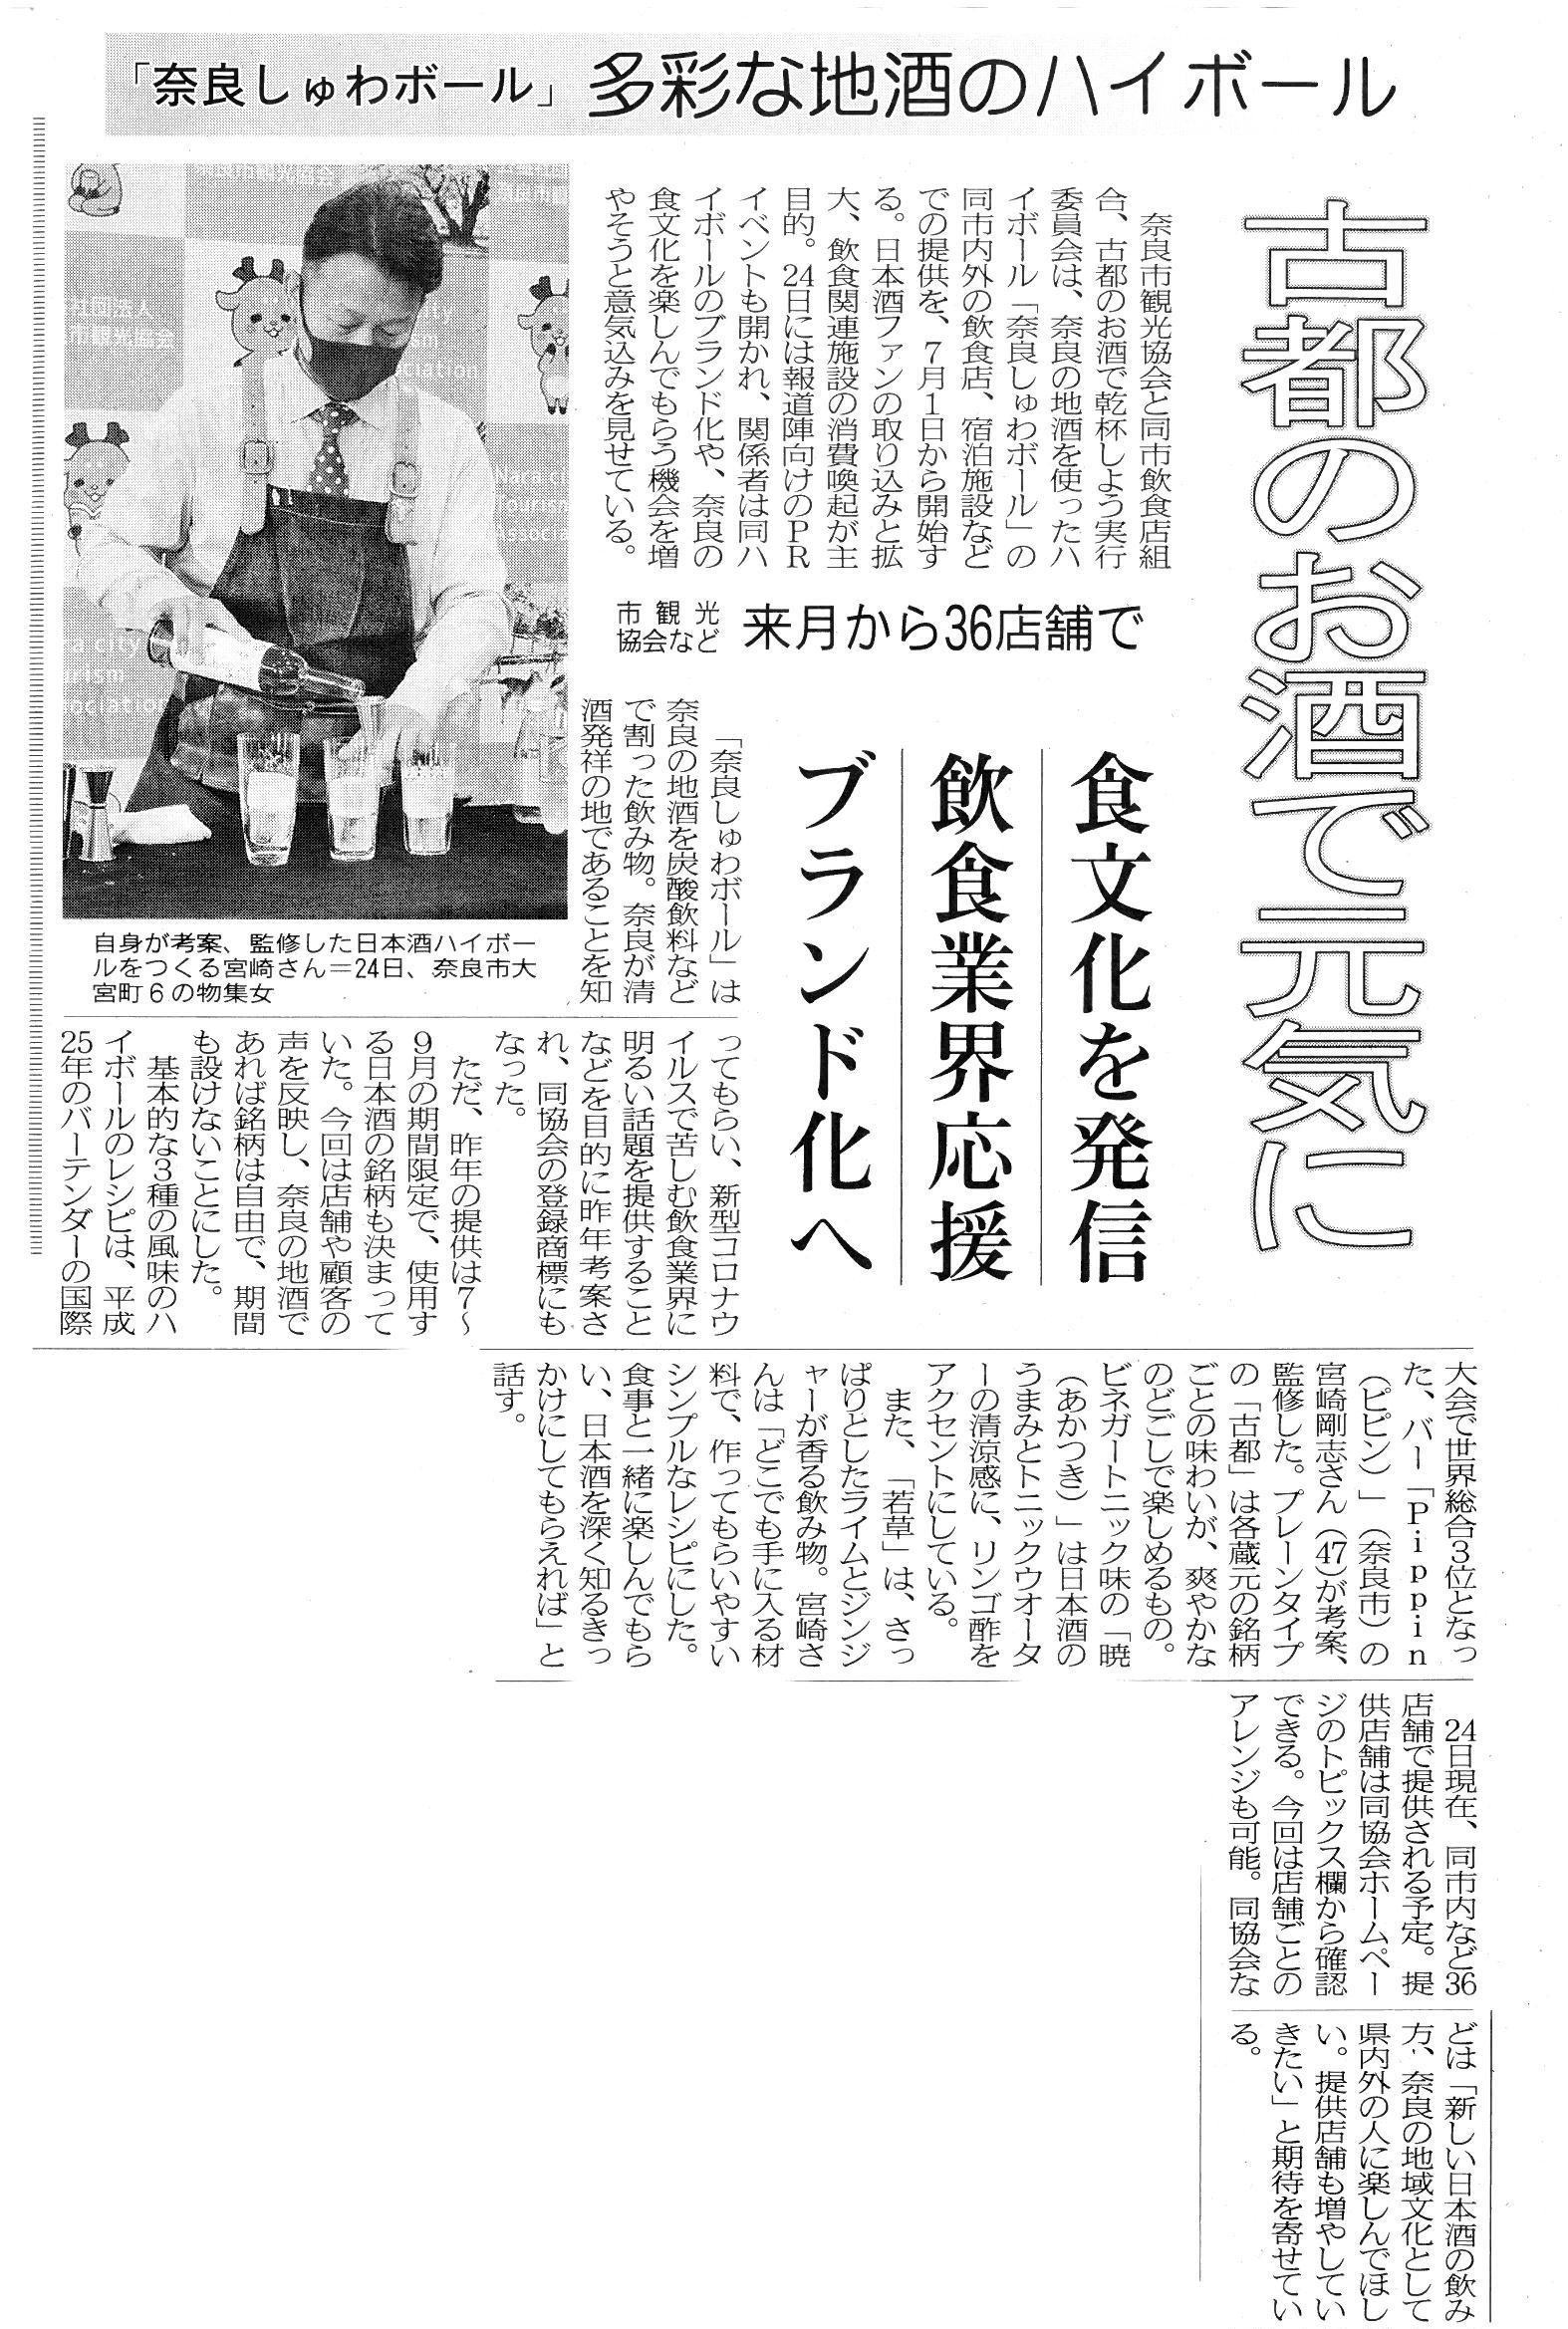 奈良新聞で『奈良しゅわボール』が紹介されました!